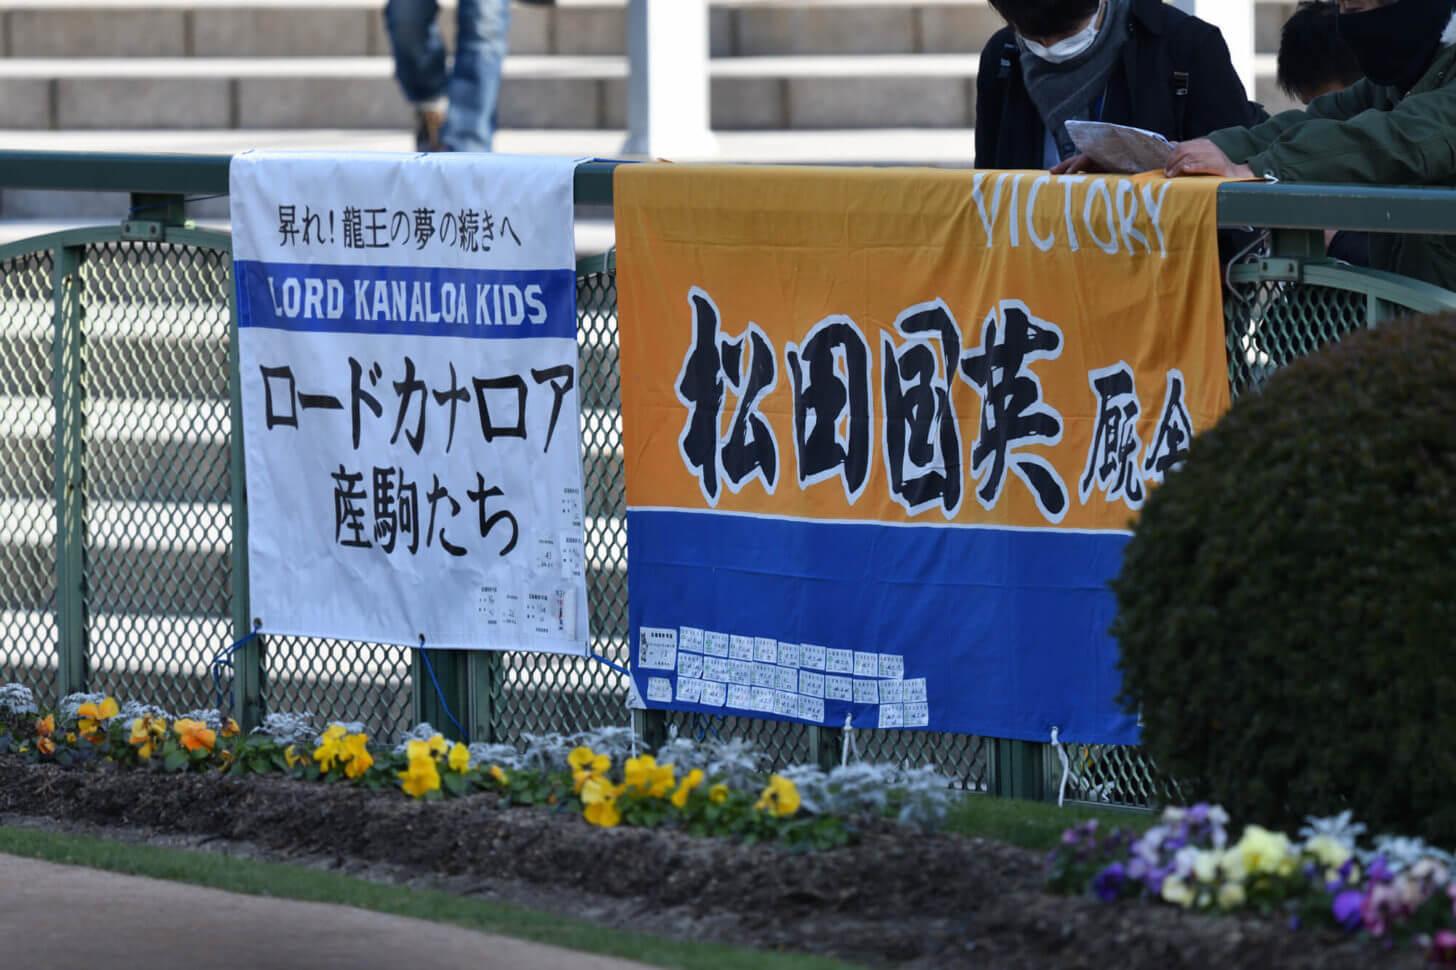 松国厩舎とロードカナロア産駒の横断幕